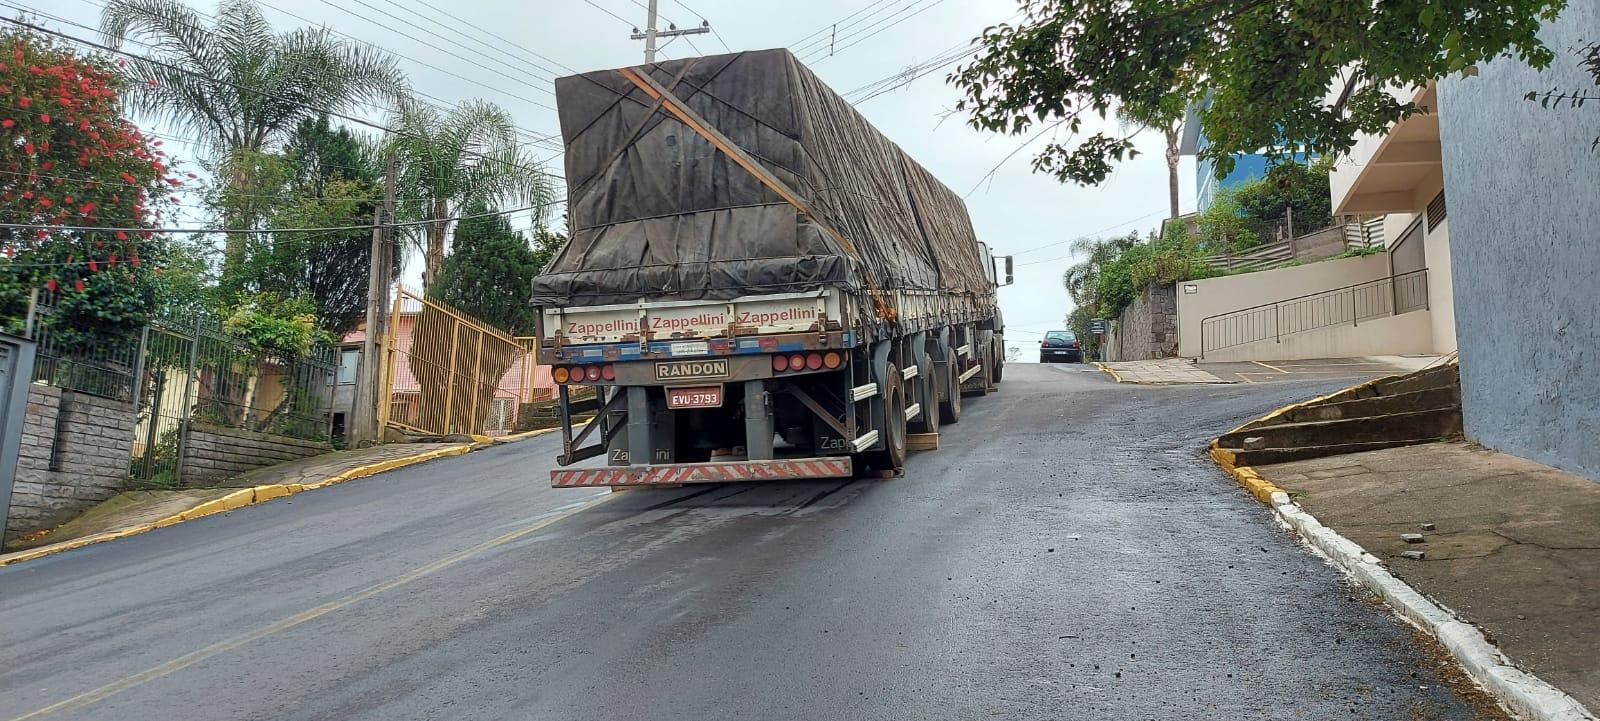 Caminhão não consegue subir a Rua Mário Morassutti no Borgo, em Bento